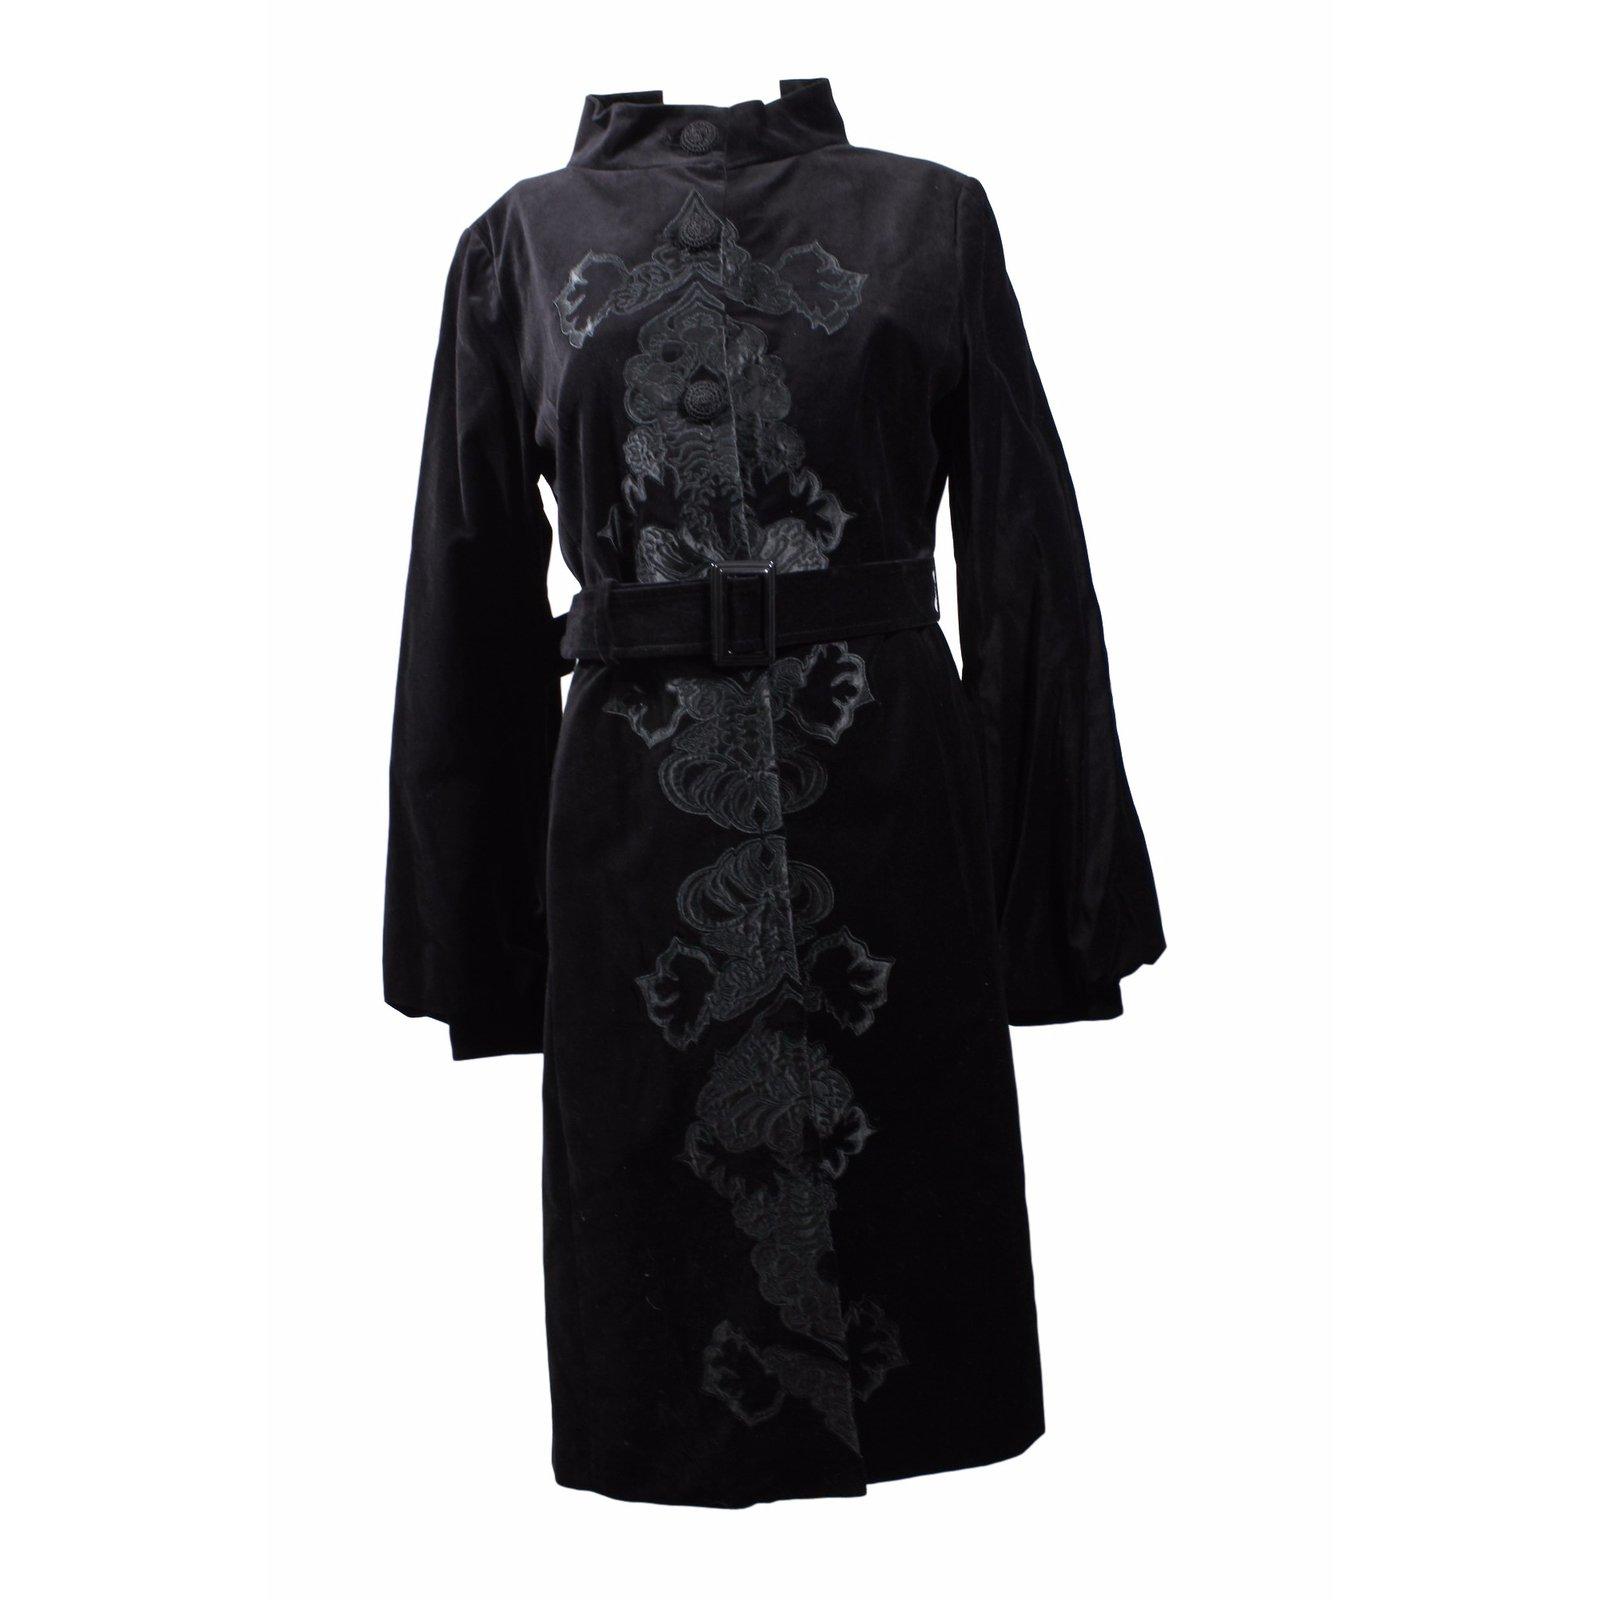 manteaux mango manteau velours style chinois coton noir. Black Bedroom Furniture Sets. Home Design Ideas